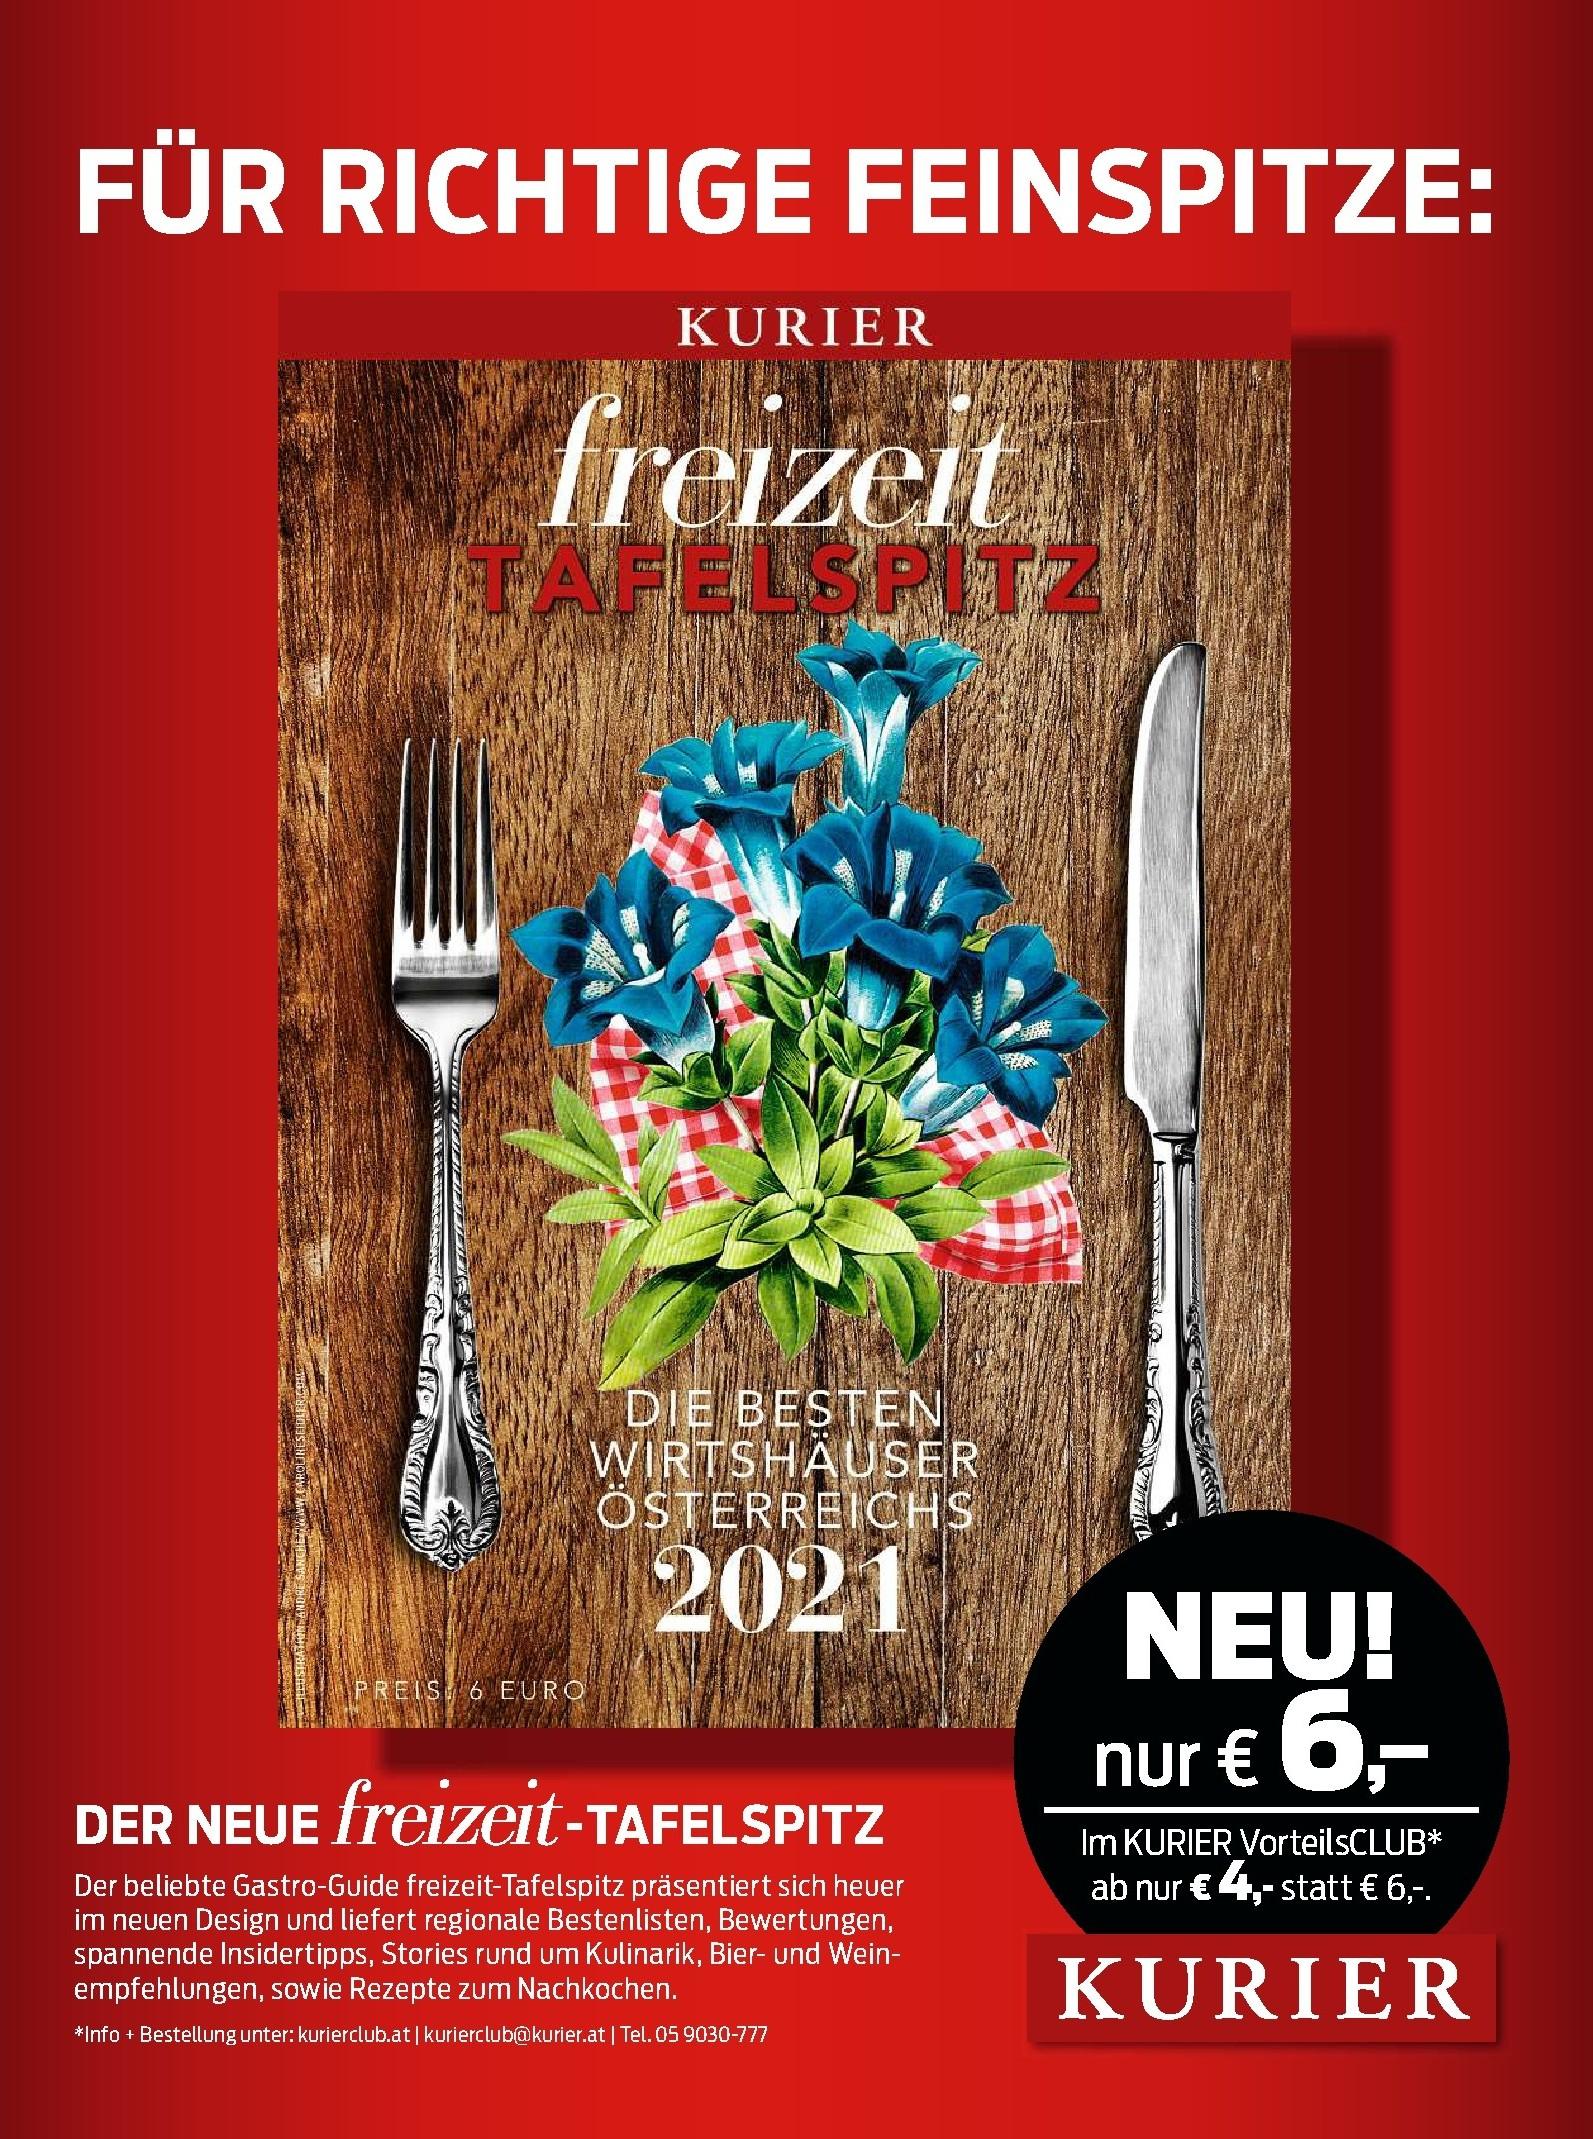 public/epaper/imported/20201114/kurier/freizeit/freizeit_20201114_097.jpg